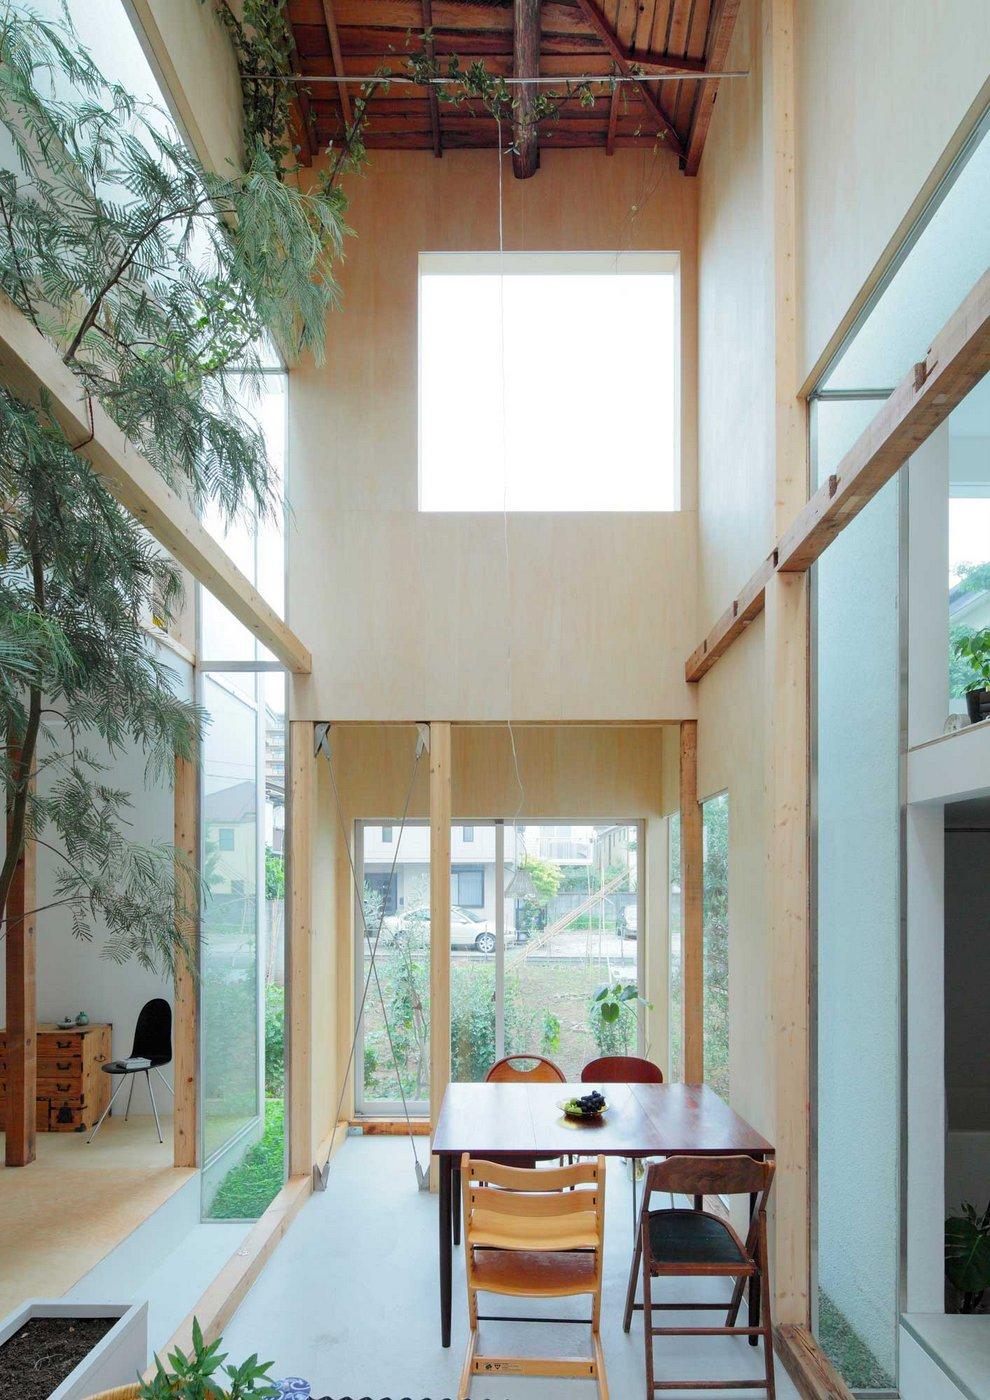 House-Komazawa-Park-Mico (5)